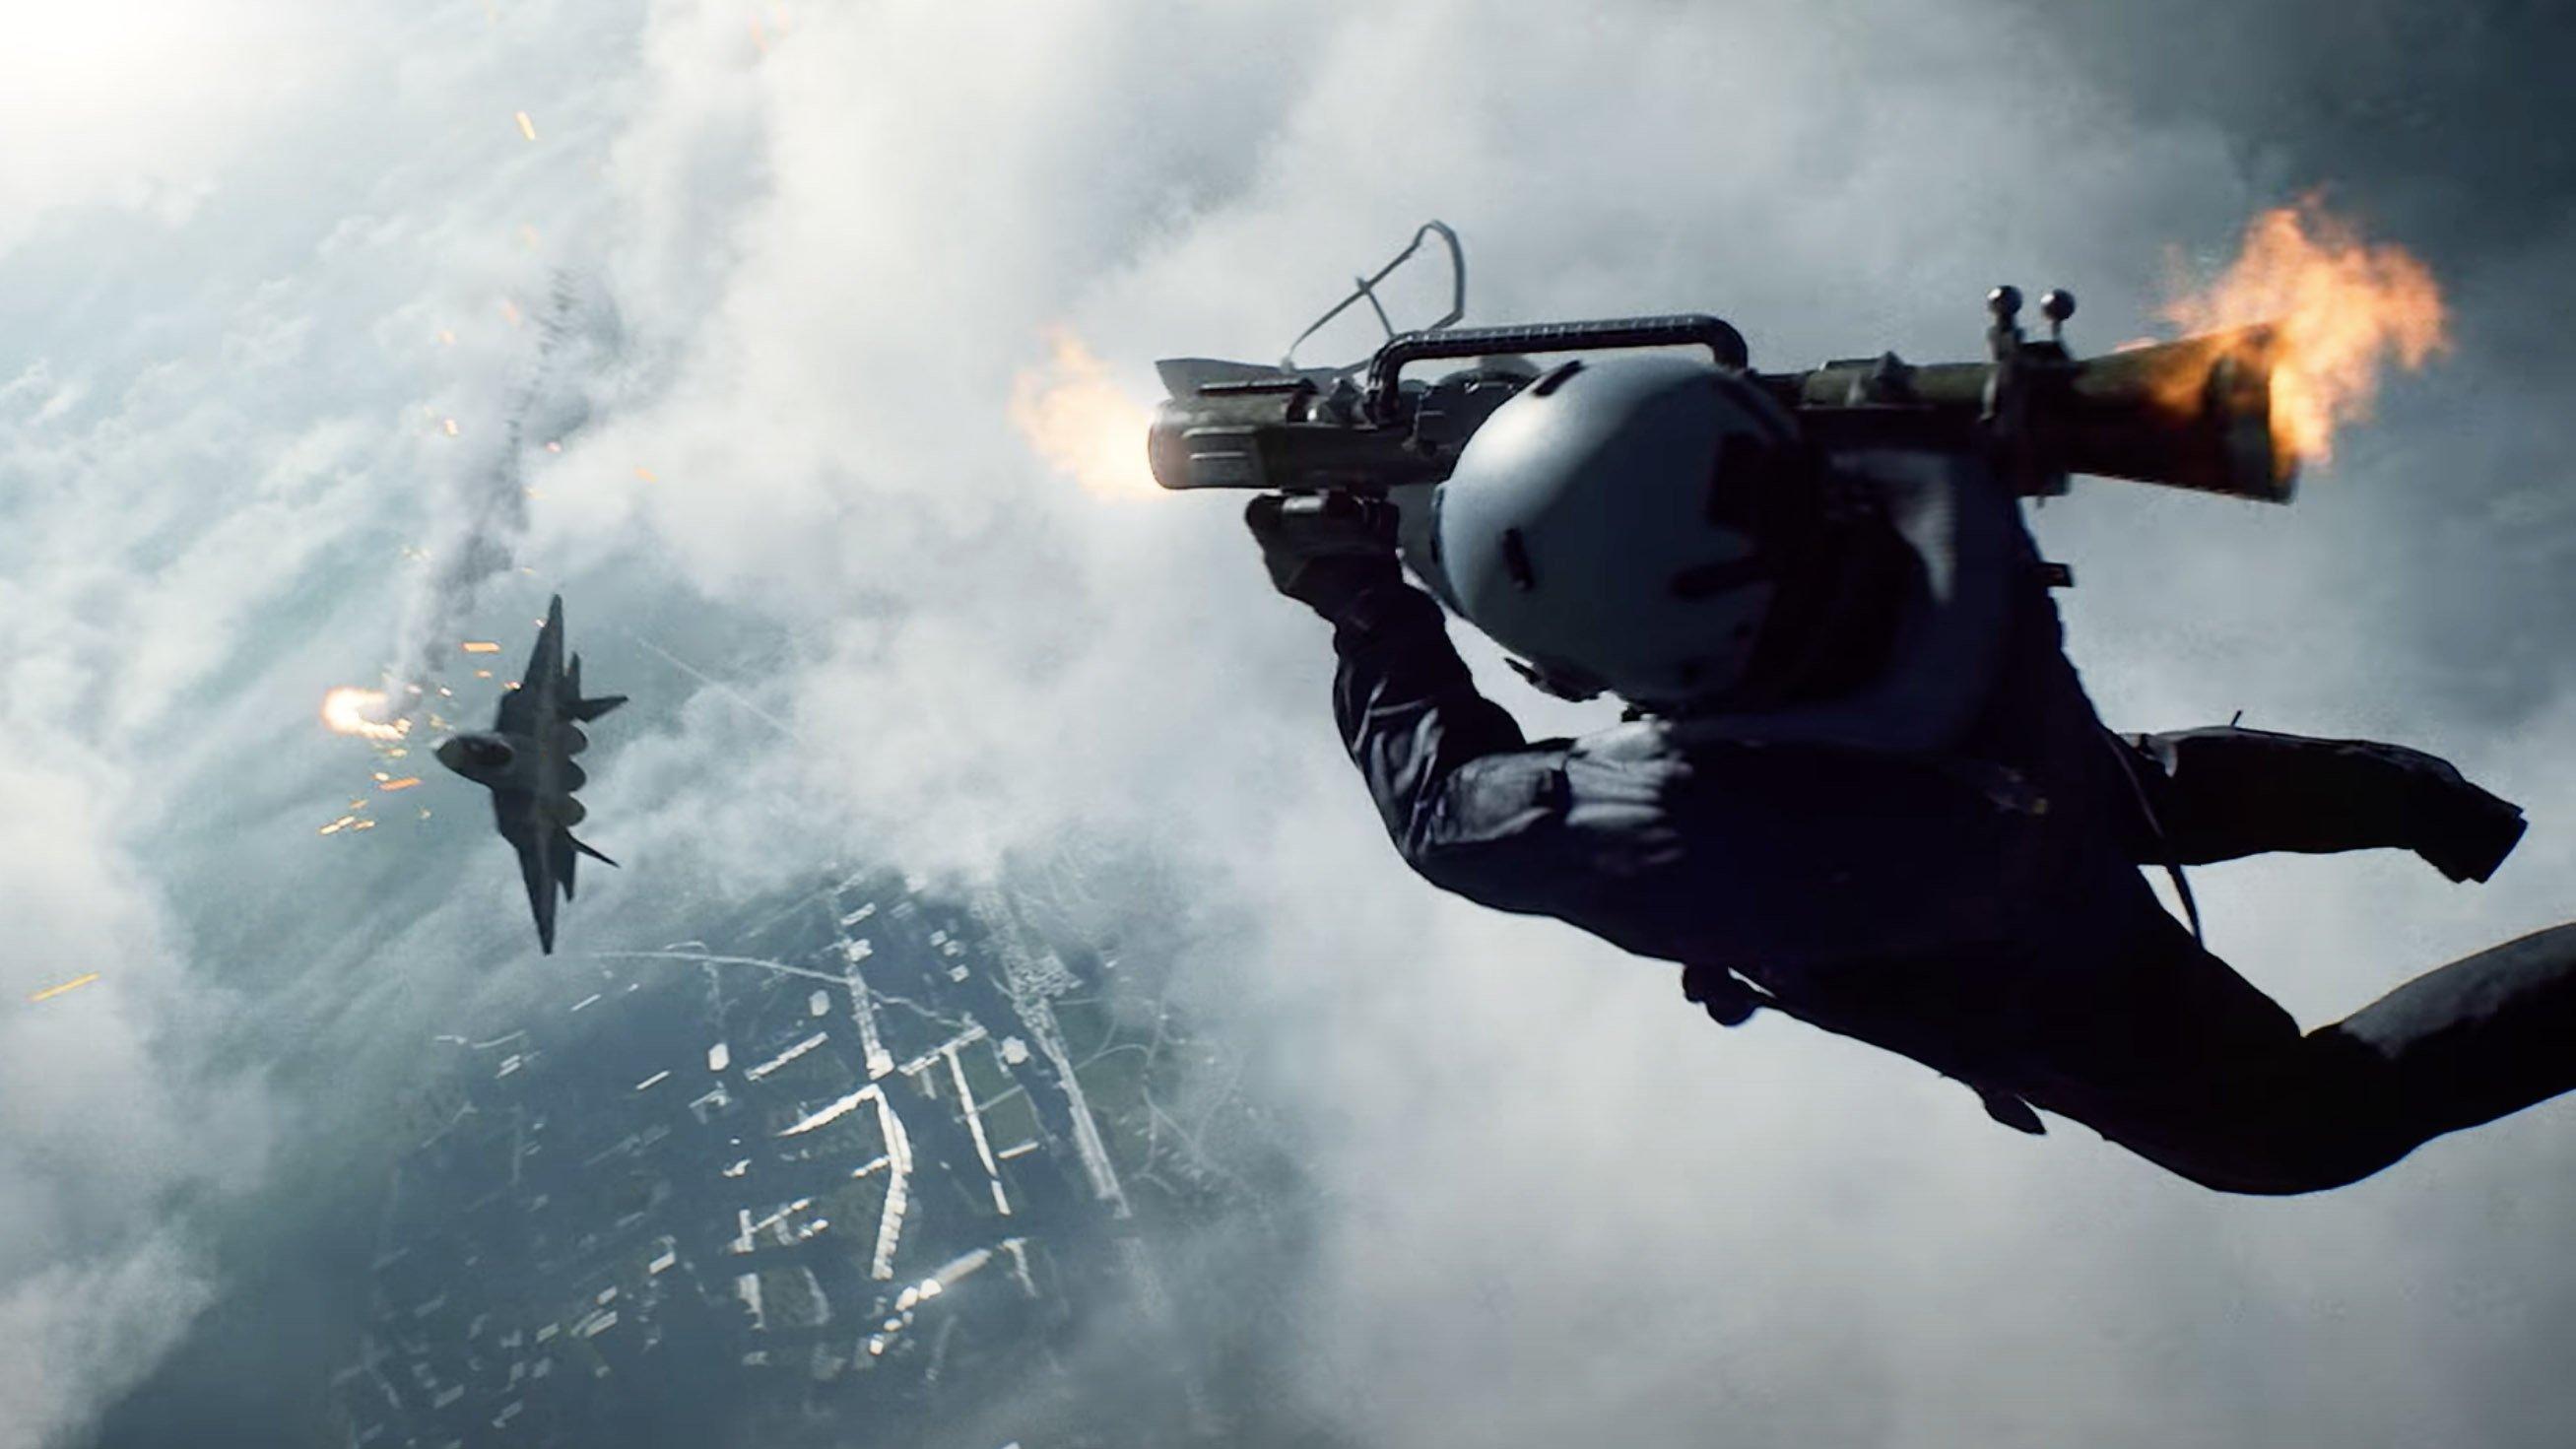 Dice förklarar hur de gjorde den ballaste scenen i Battlefield 2042-trailern